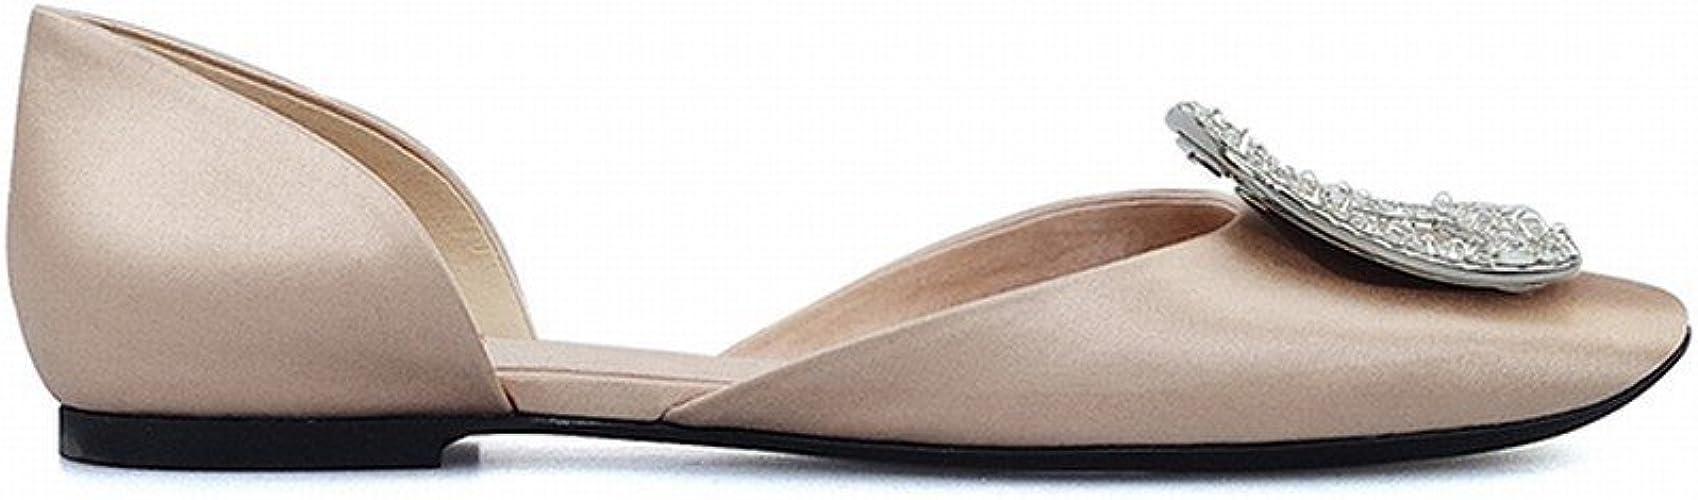 DHG Diahommet Creux Sauvage Boucle Tempérament Bouche Ronde Bouche Peu Profonde Chaussures Plates,Ré,36